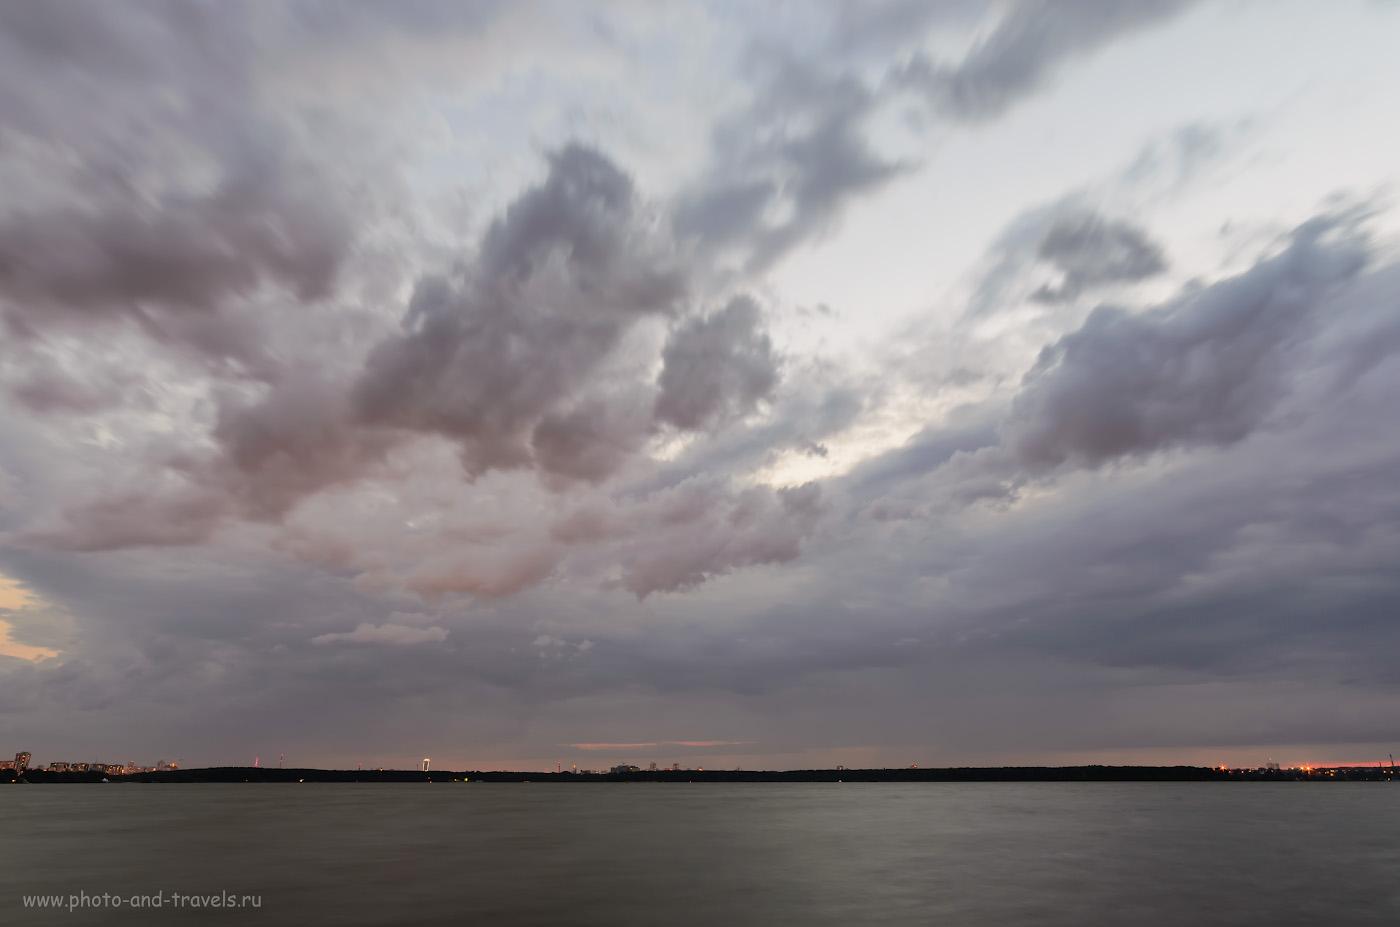 Фото 9. Как ширик рисует вечернее небо. Отзывы фотолюбителей об использовании широкоугольного объектива Samyang 14 mm/2.8 на кропе Nikon D5100. Настройки: 10, 10, 100, 14.